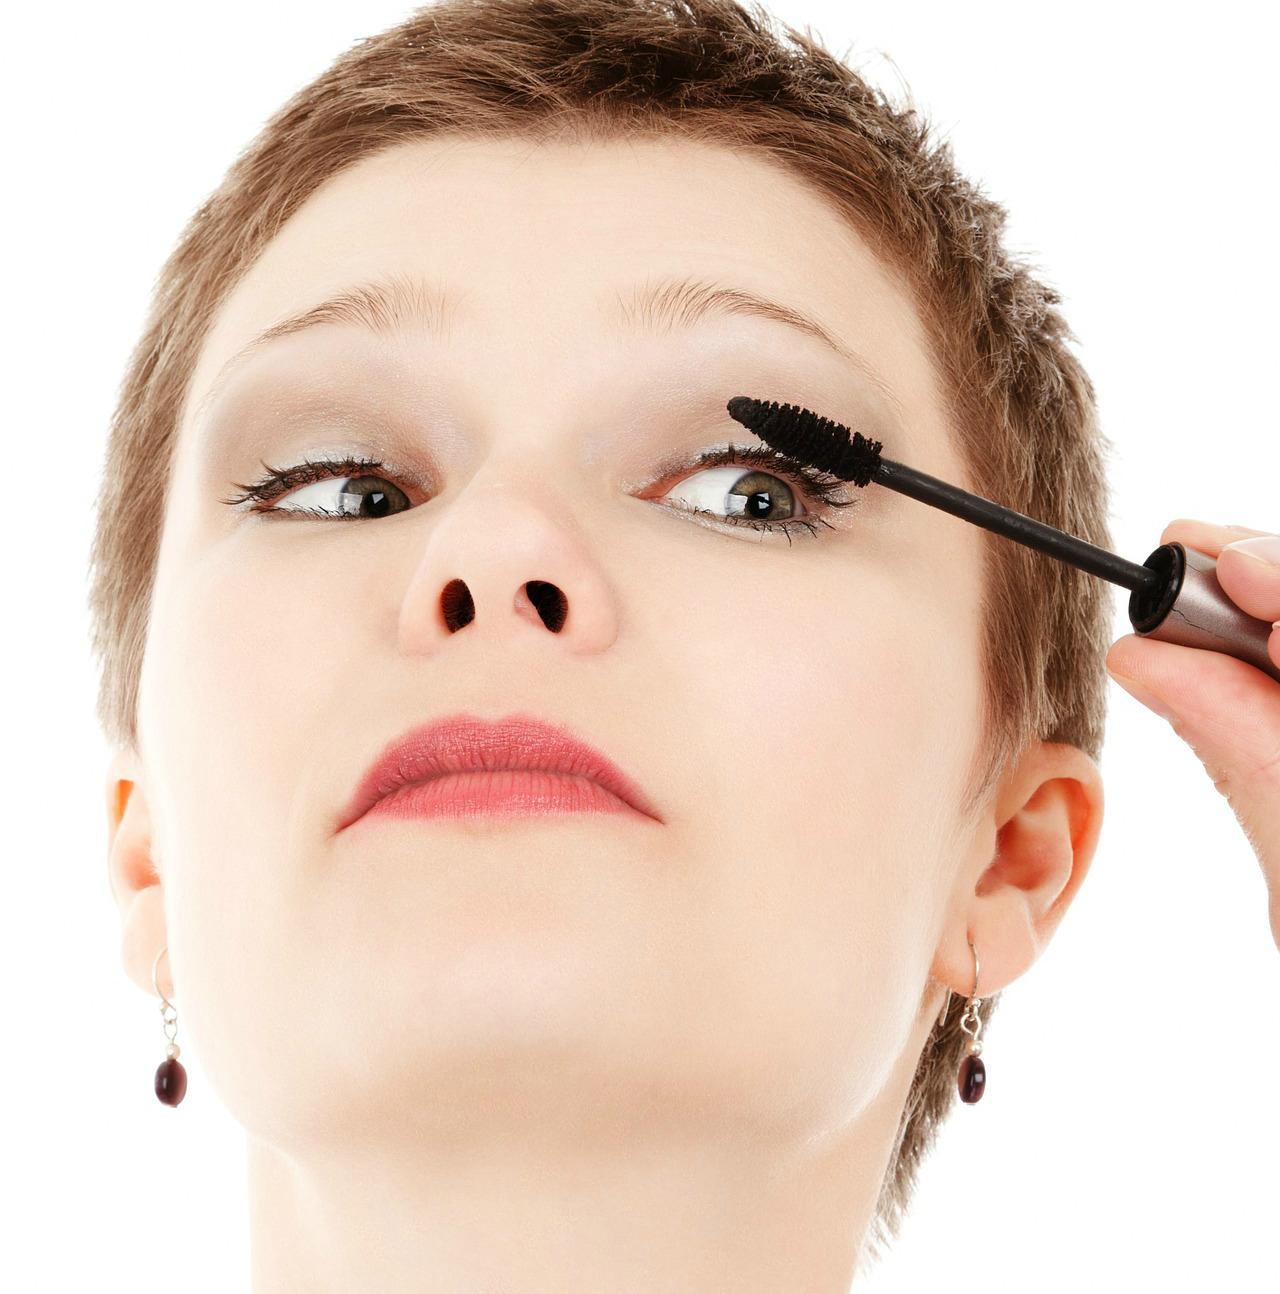 VeeLashe Procedure for Longer Eyelashes